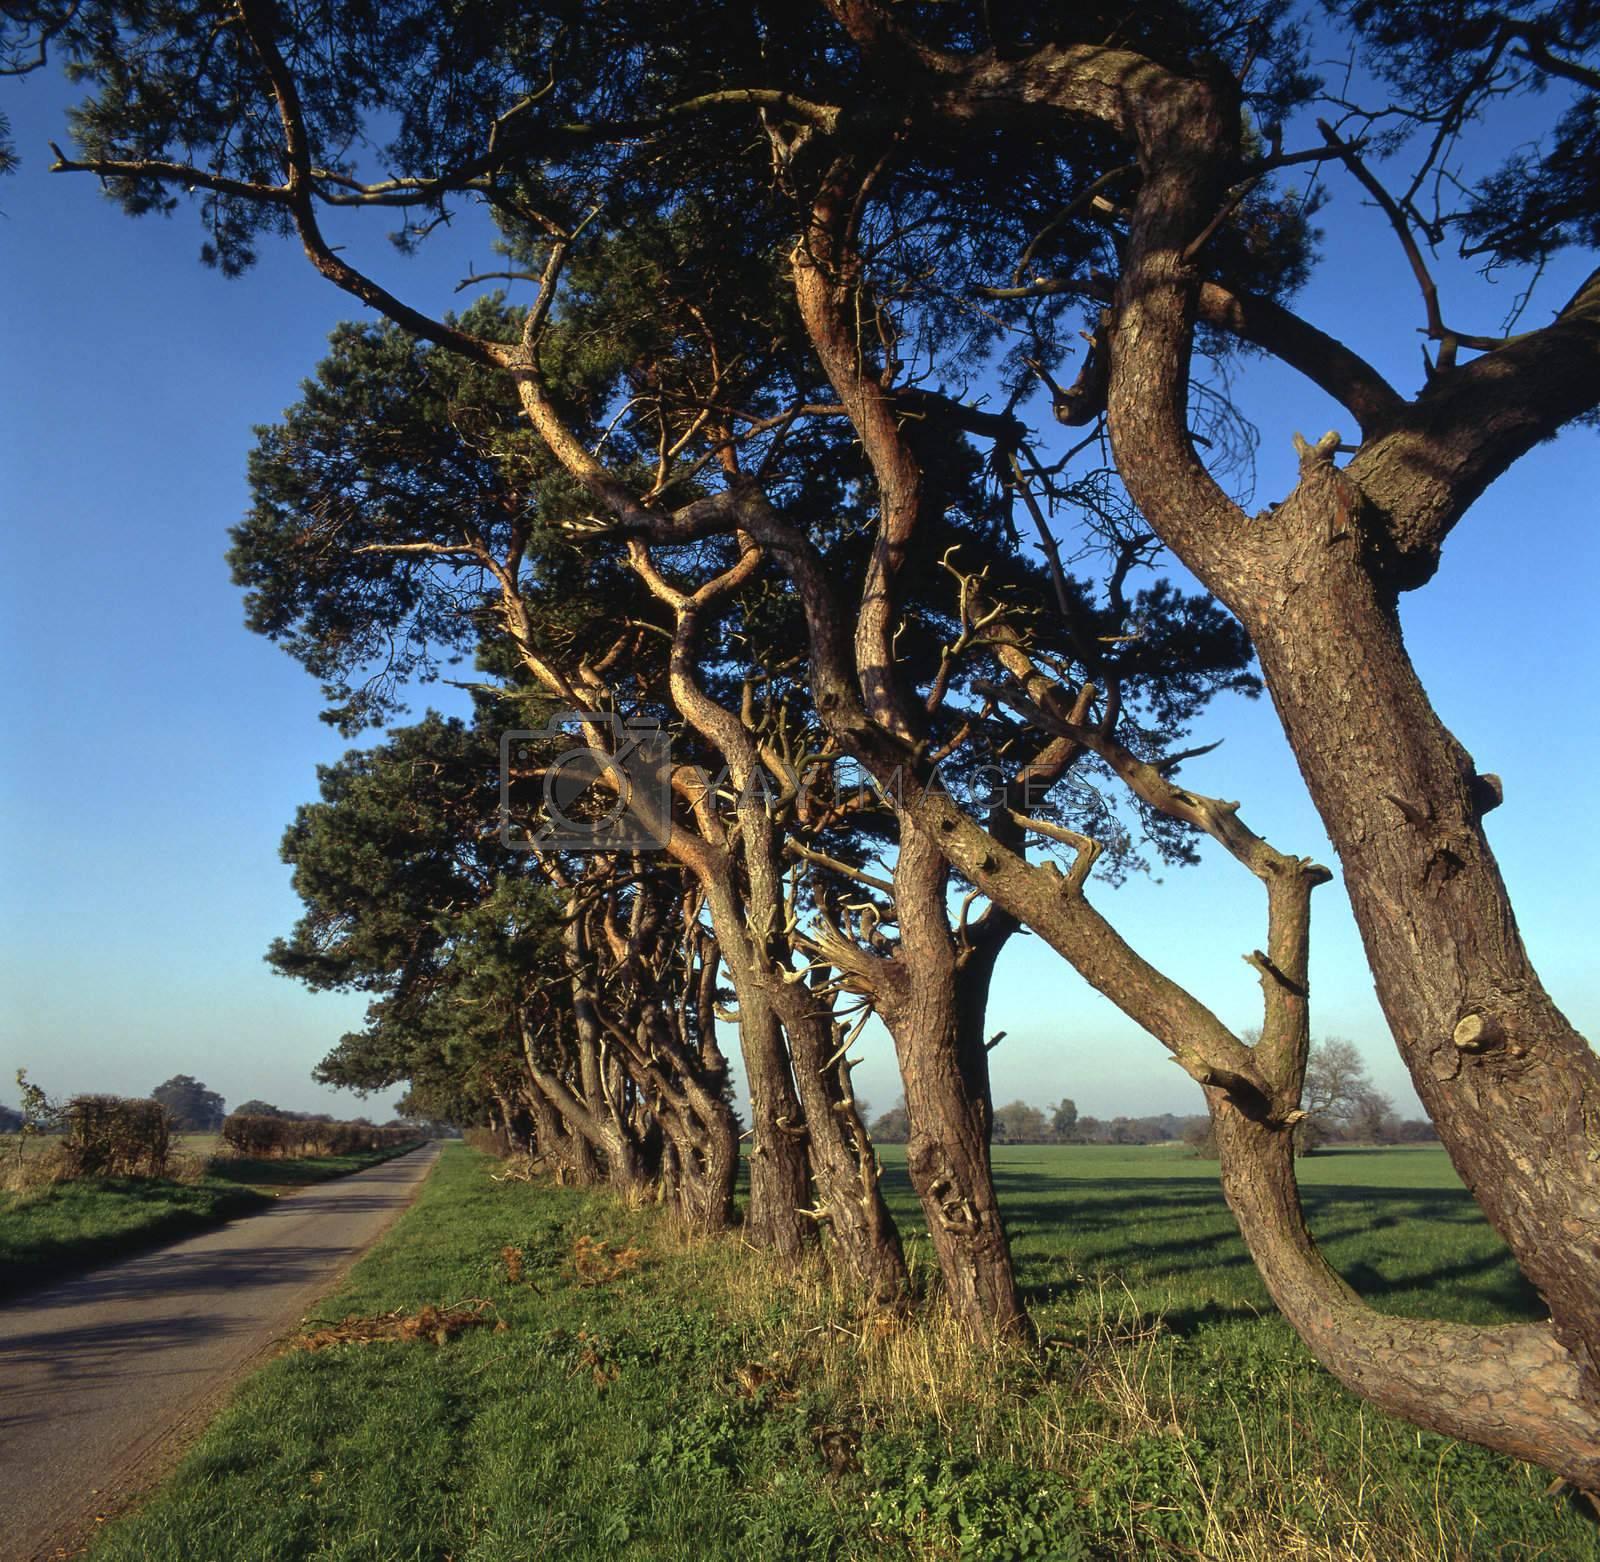 Tree lined by runamock